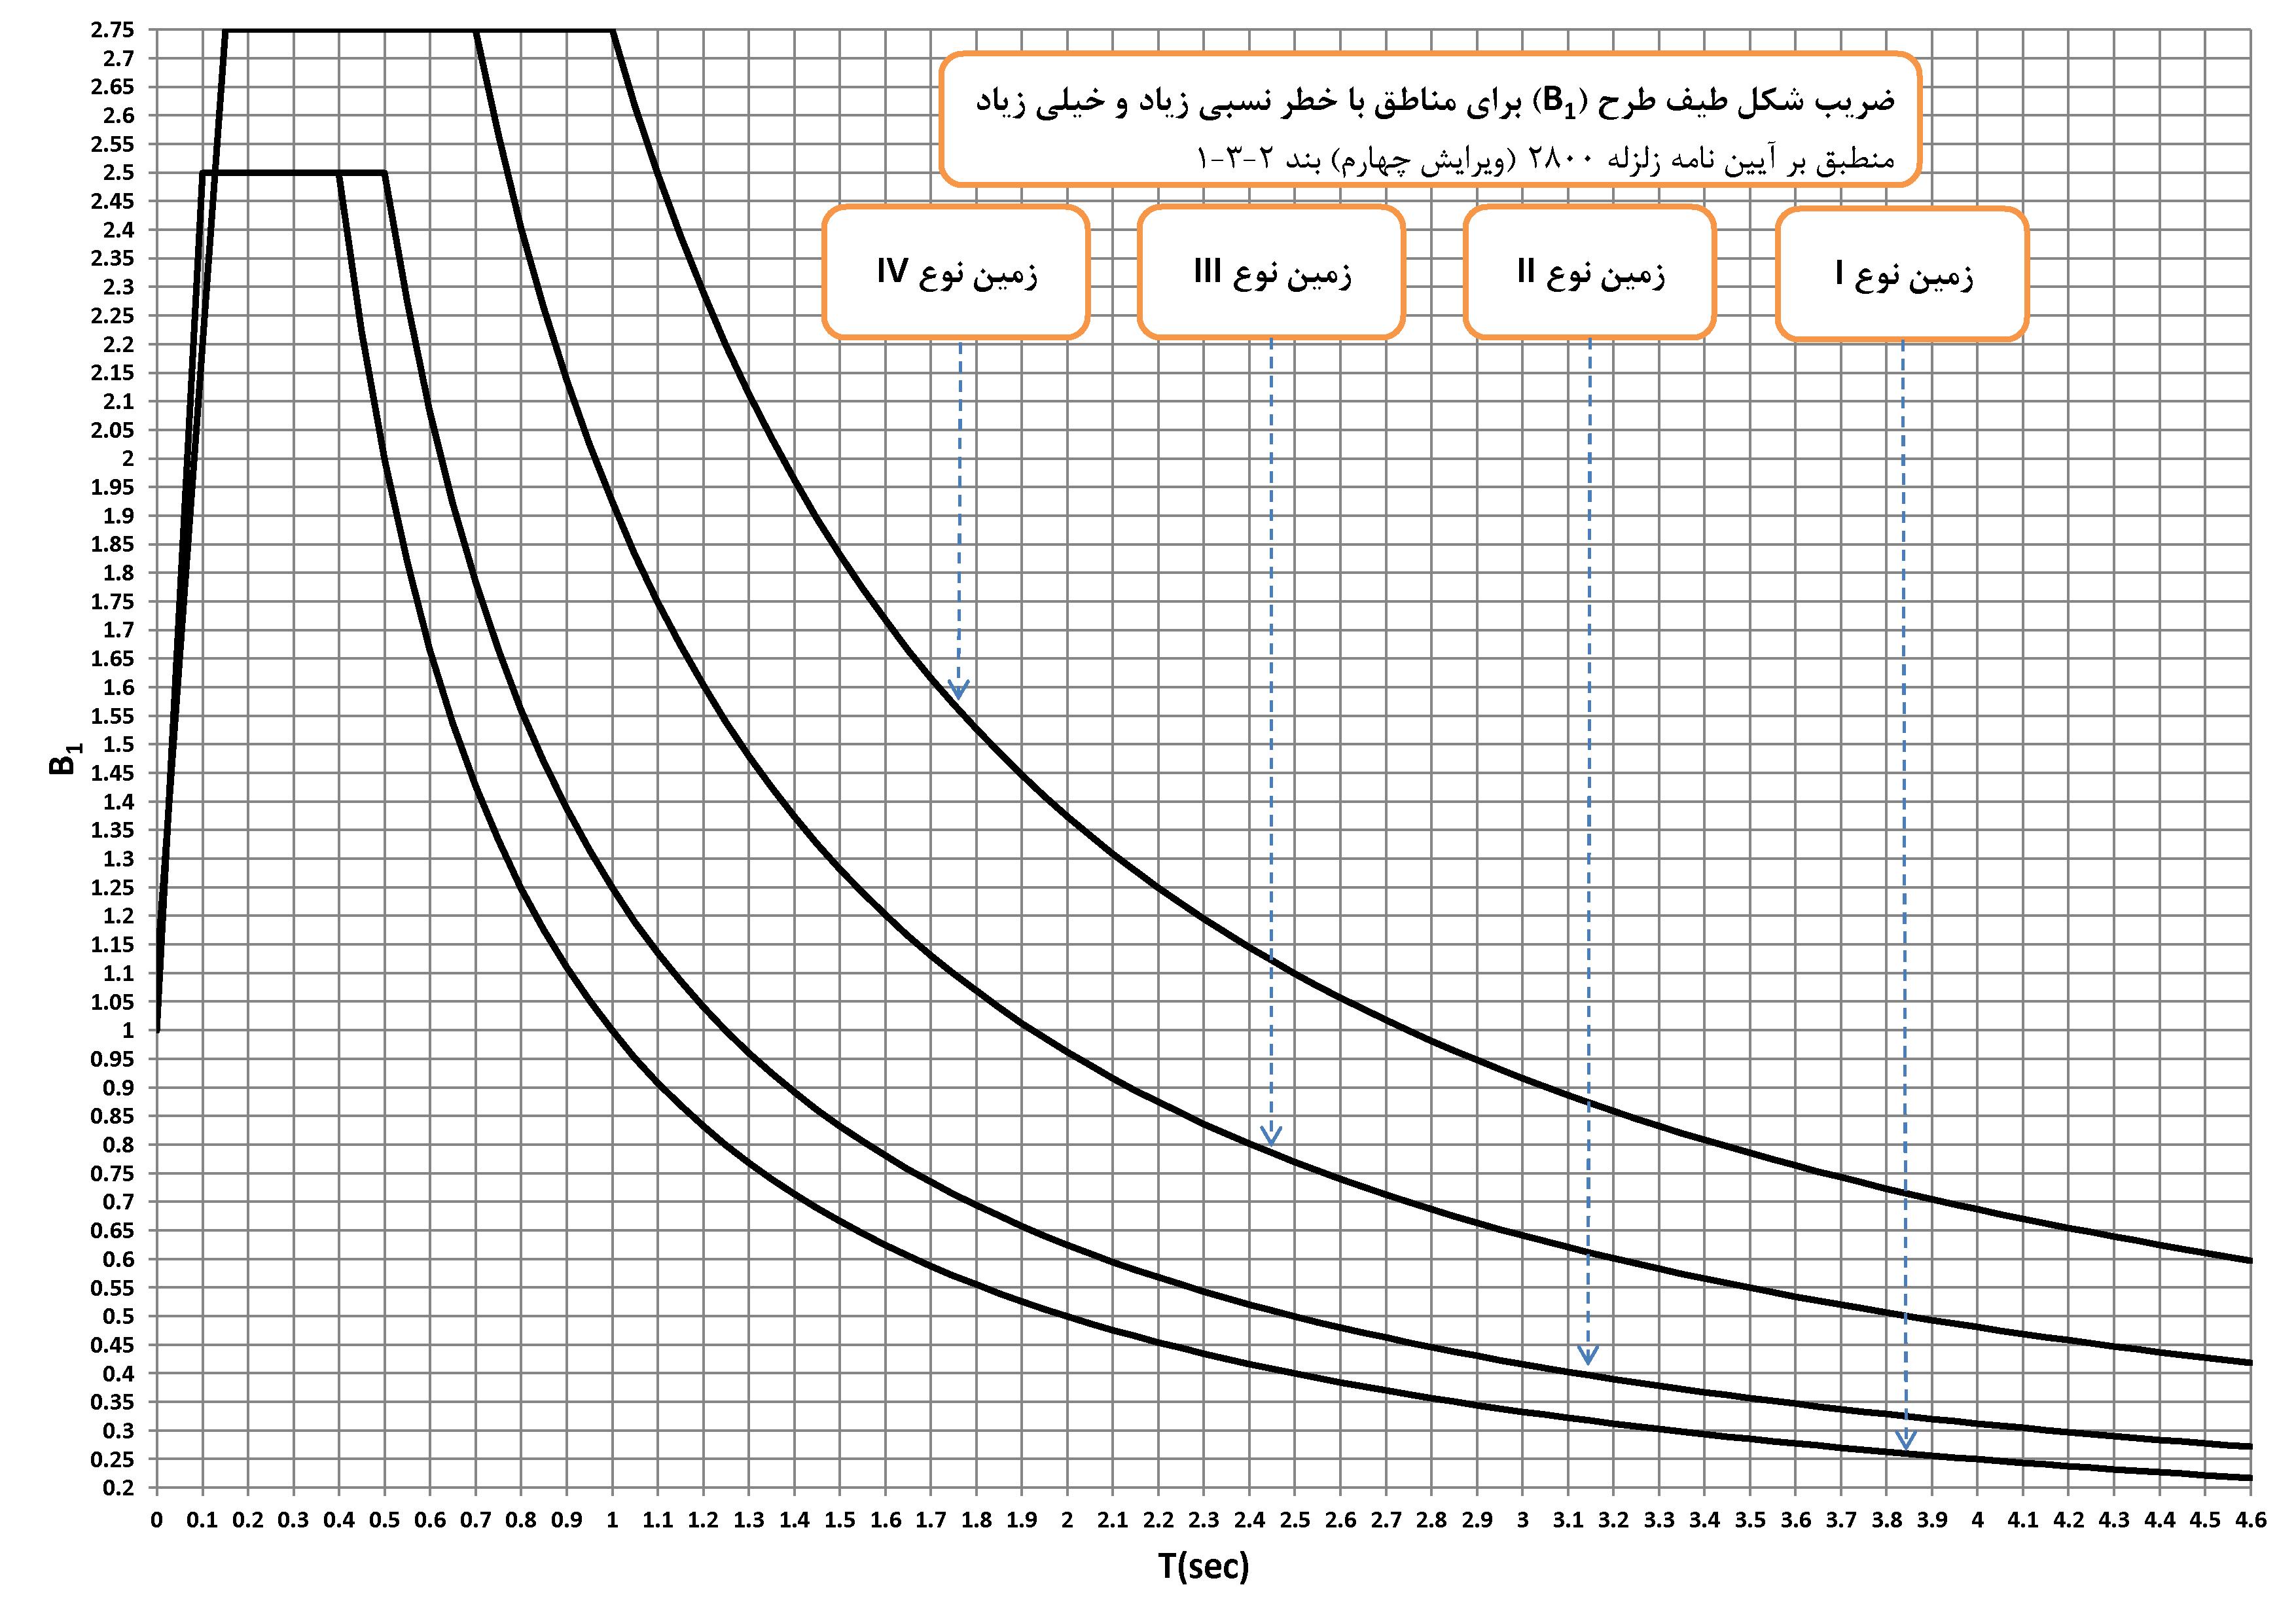 نمودار کاربردی ضریب شکل طیف طرح2